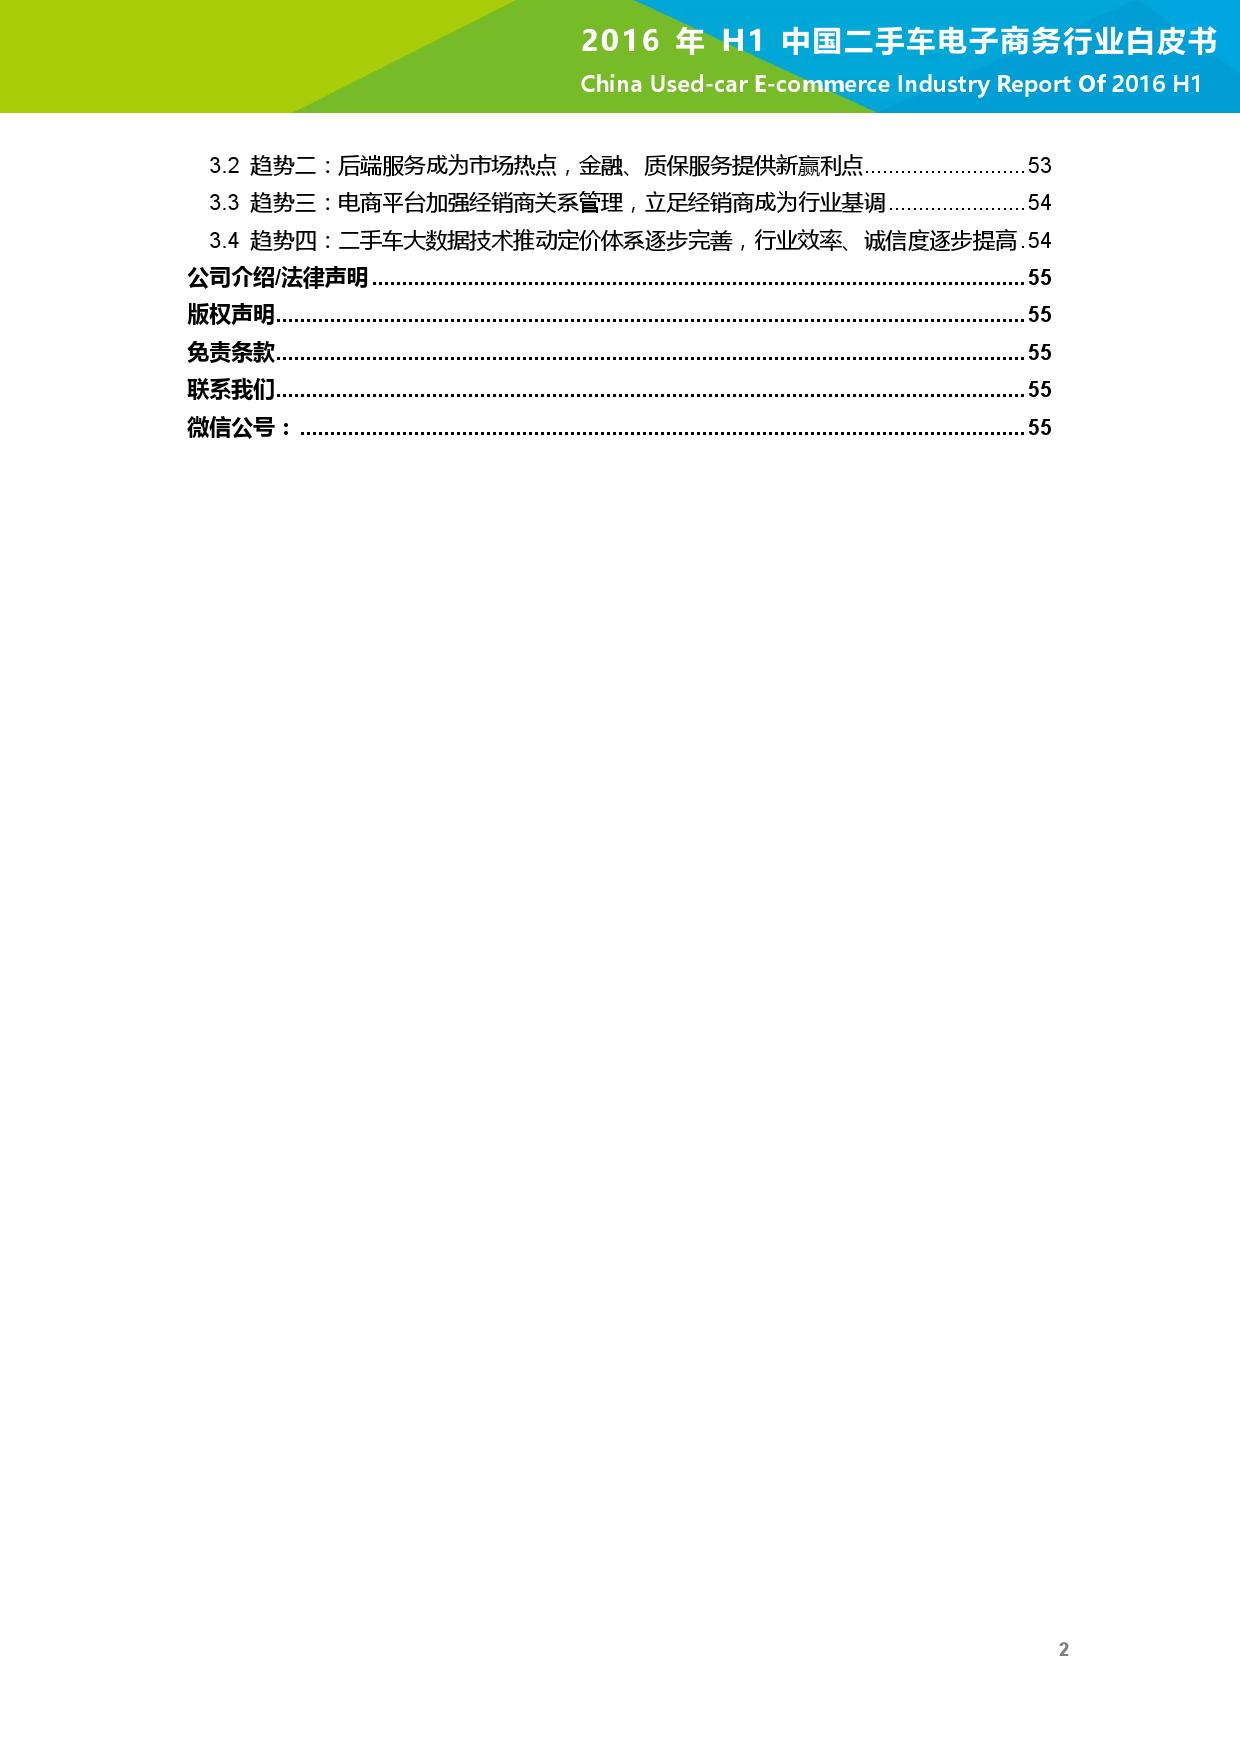 2016年H1中国二手车电子商务行业白皮书_000003